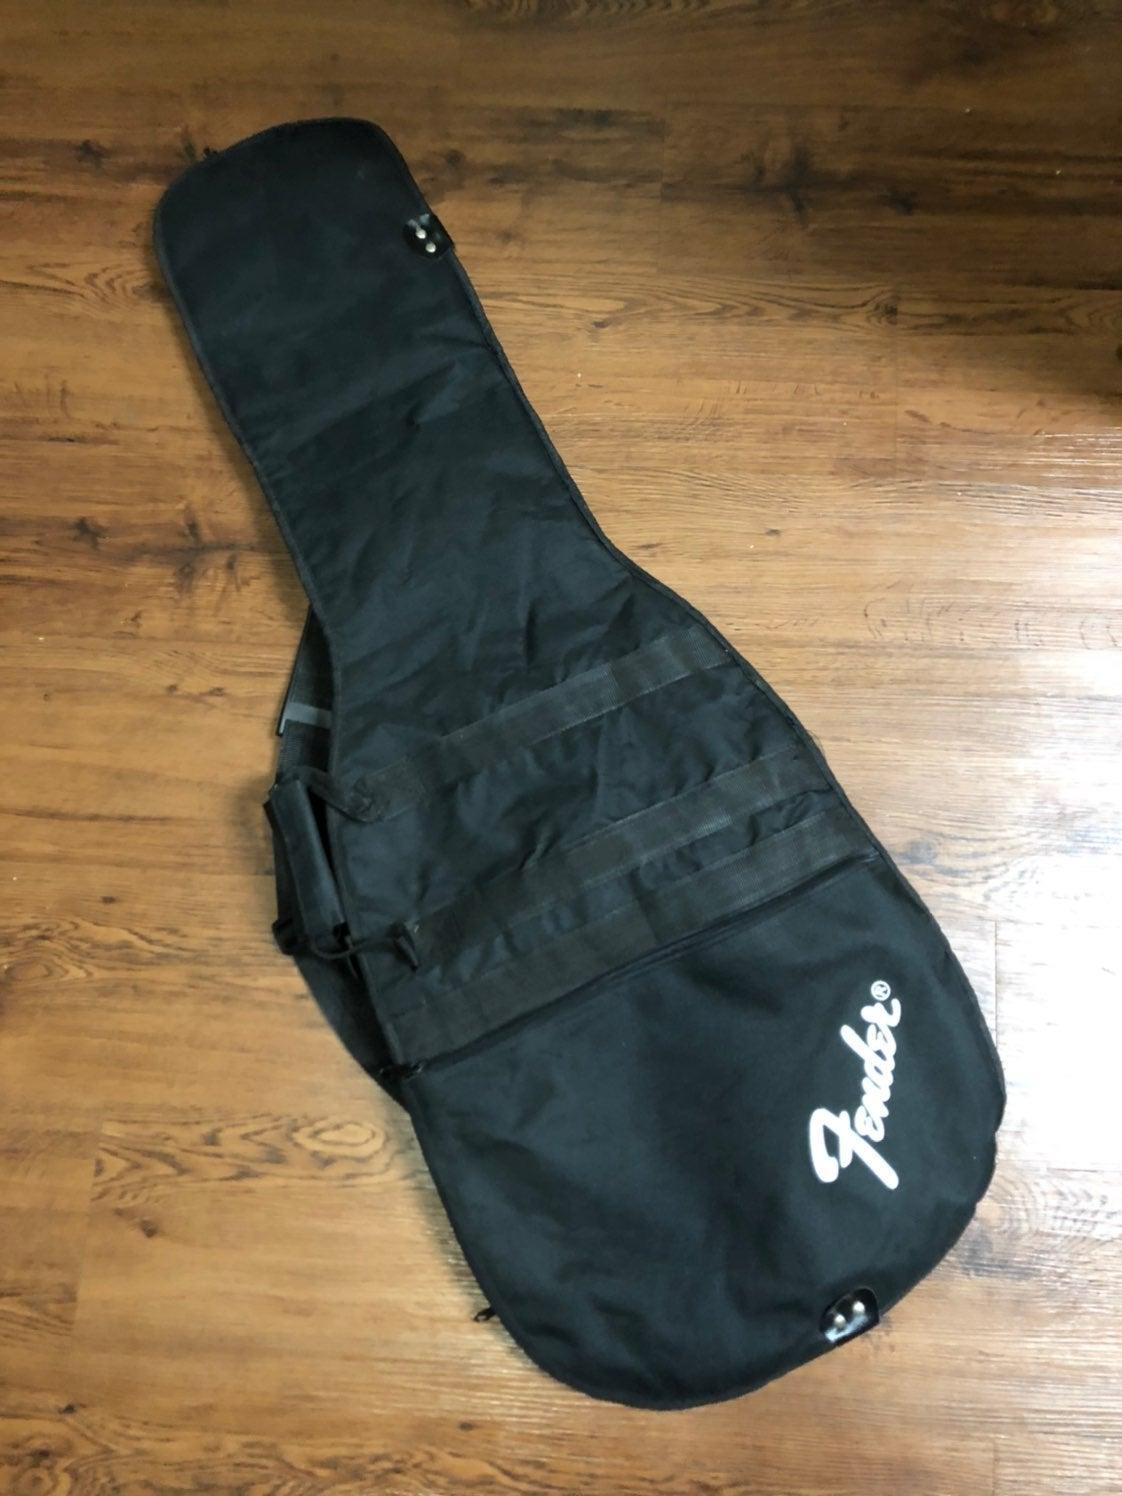 Fender gigbag backpack